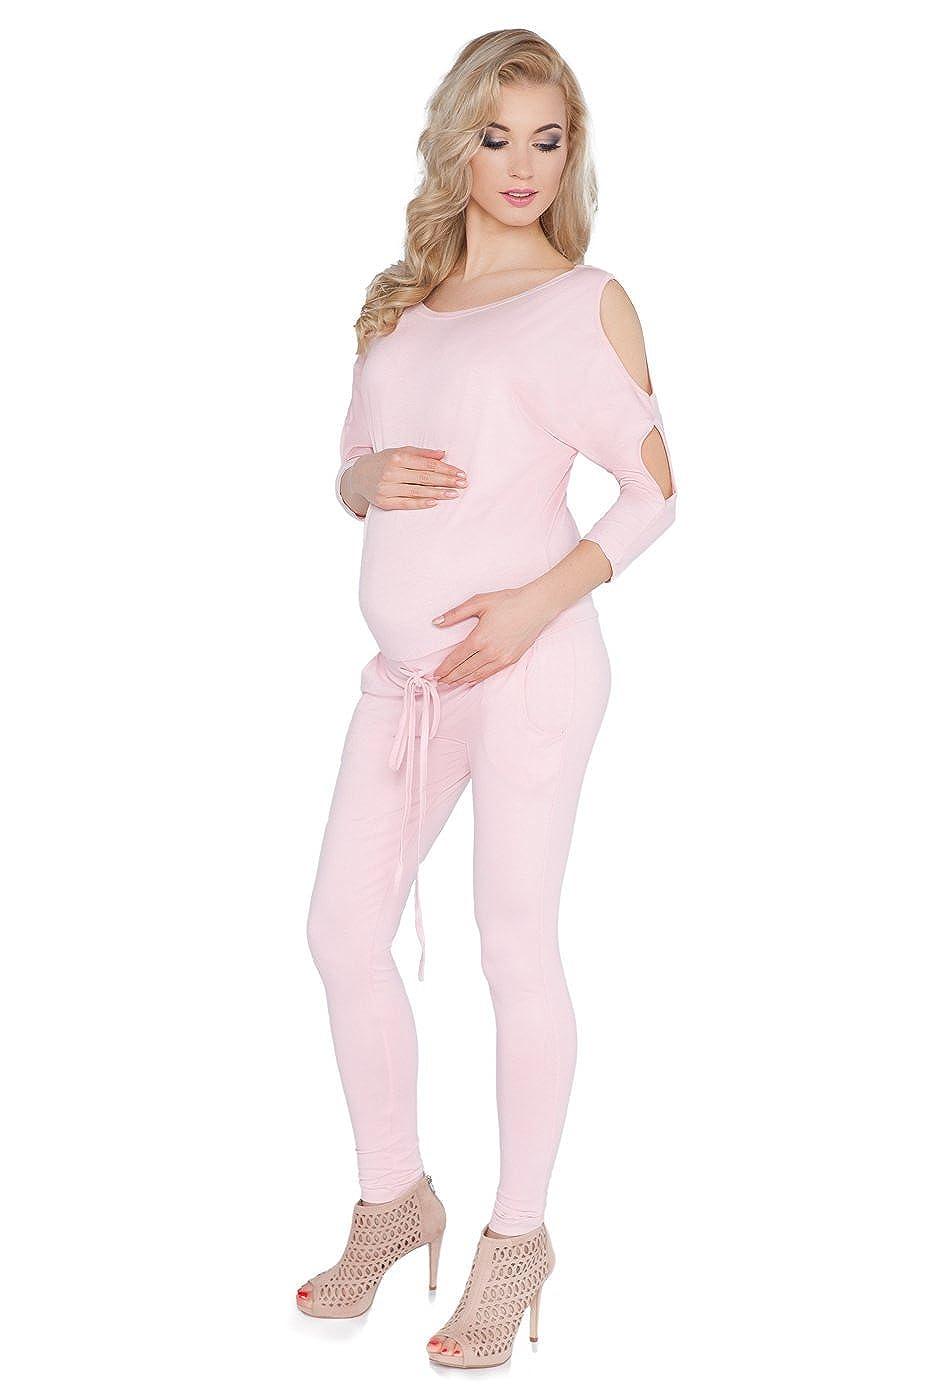 Hallo, Mom Damen Schwangerschafts Jumpsuit mit Taschen Boot-Ausschnitt Offene Ä rmel Schwangerschaft Playsuit Grö ß en 8– 14 1081 O-1081C